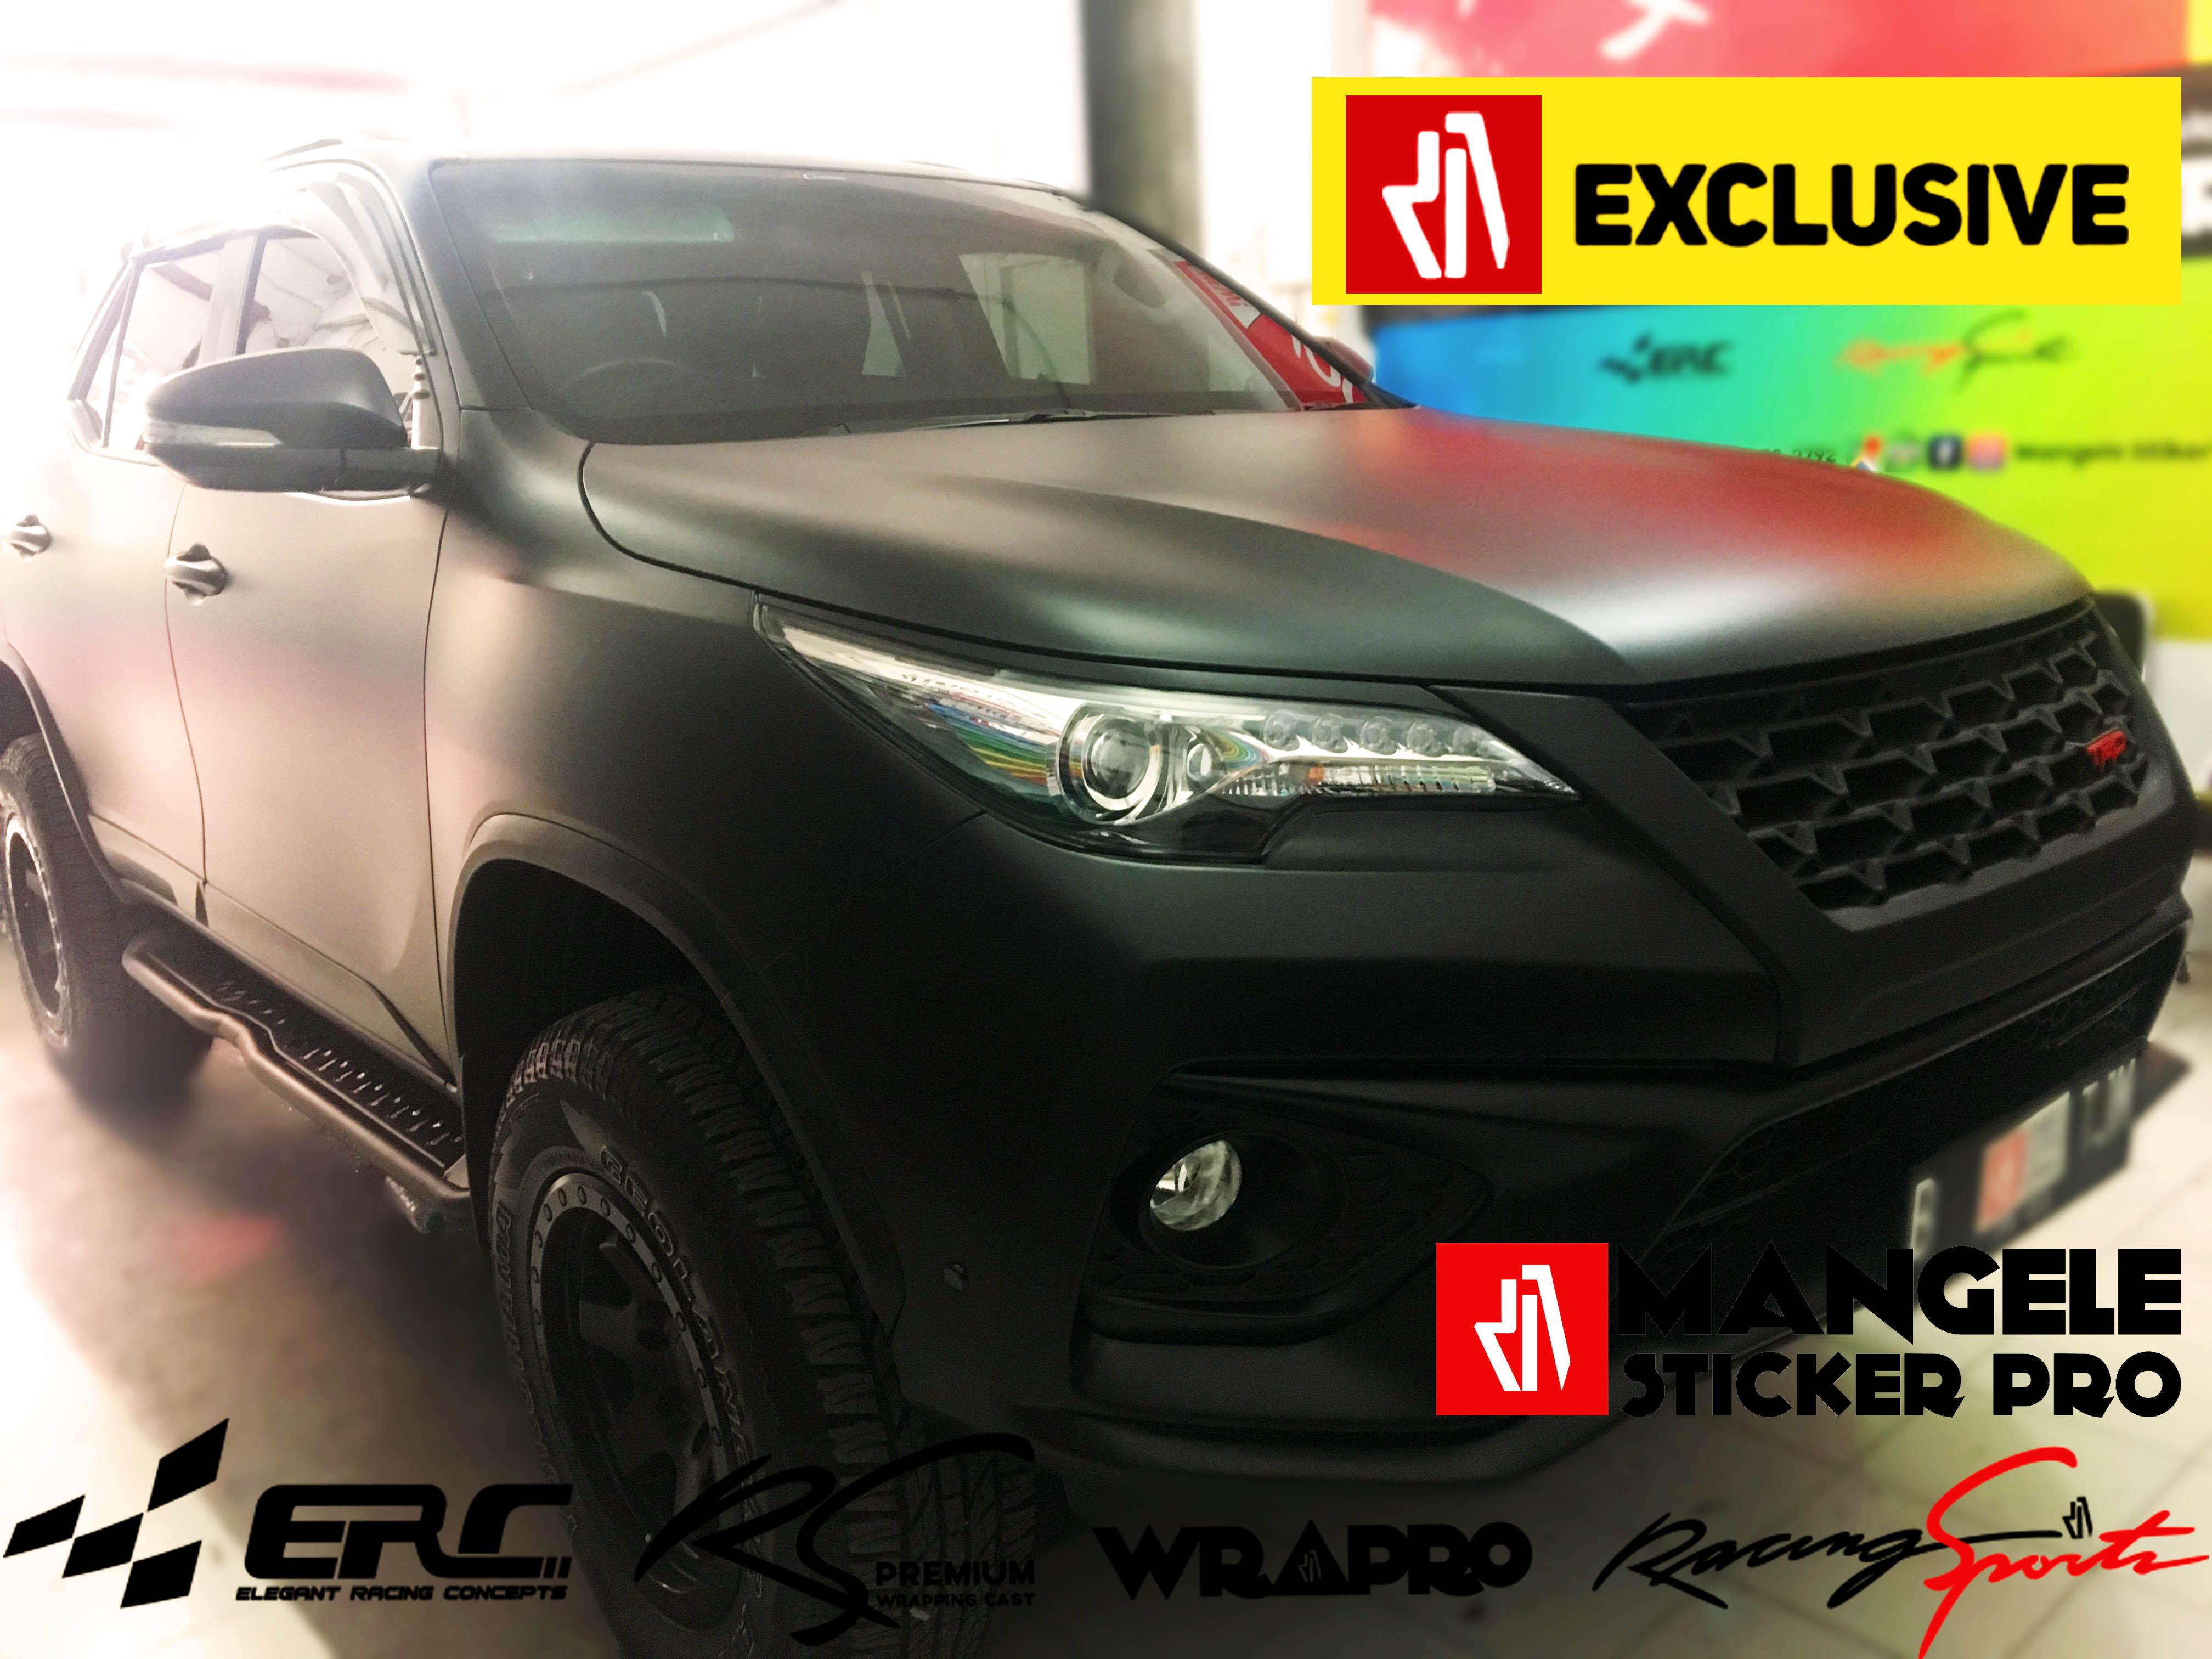 Keren Maksimal Dengan RS Premium Stiker Mobil Premium Mangele Bandung